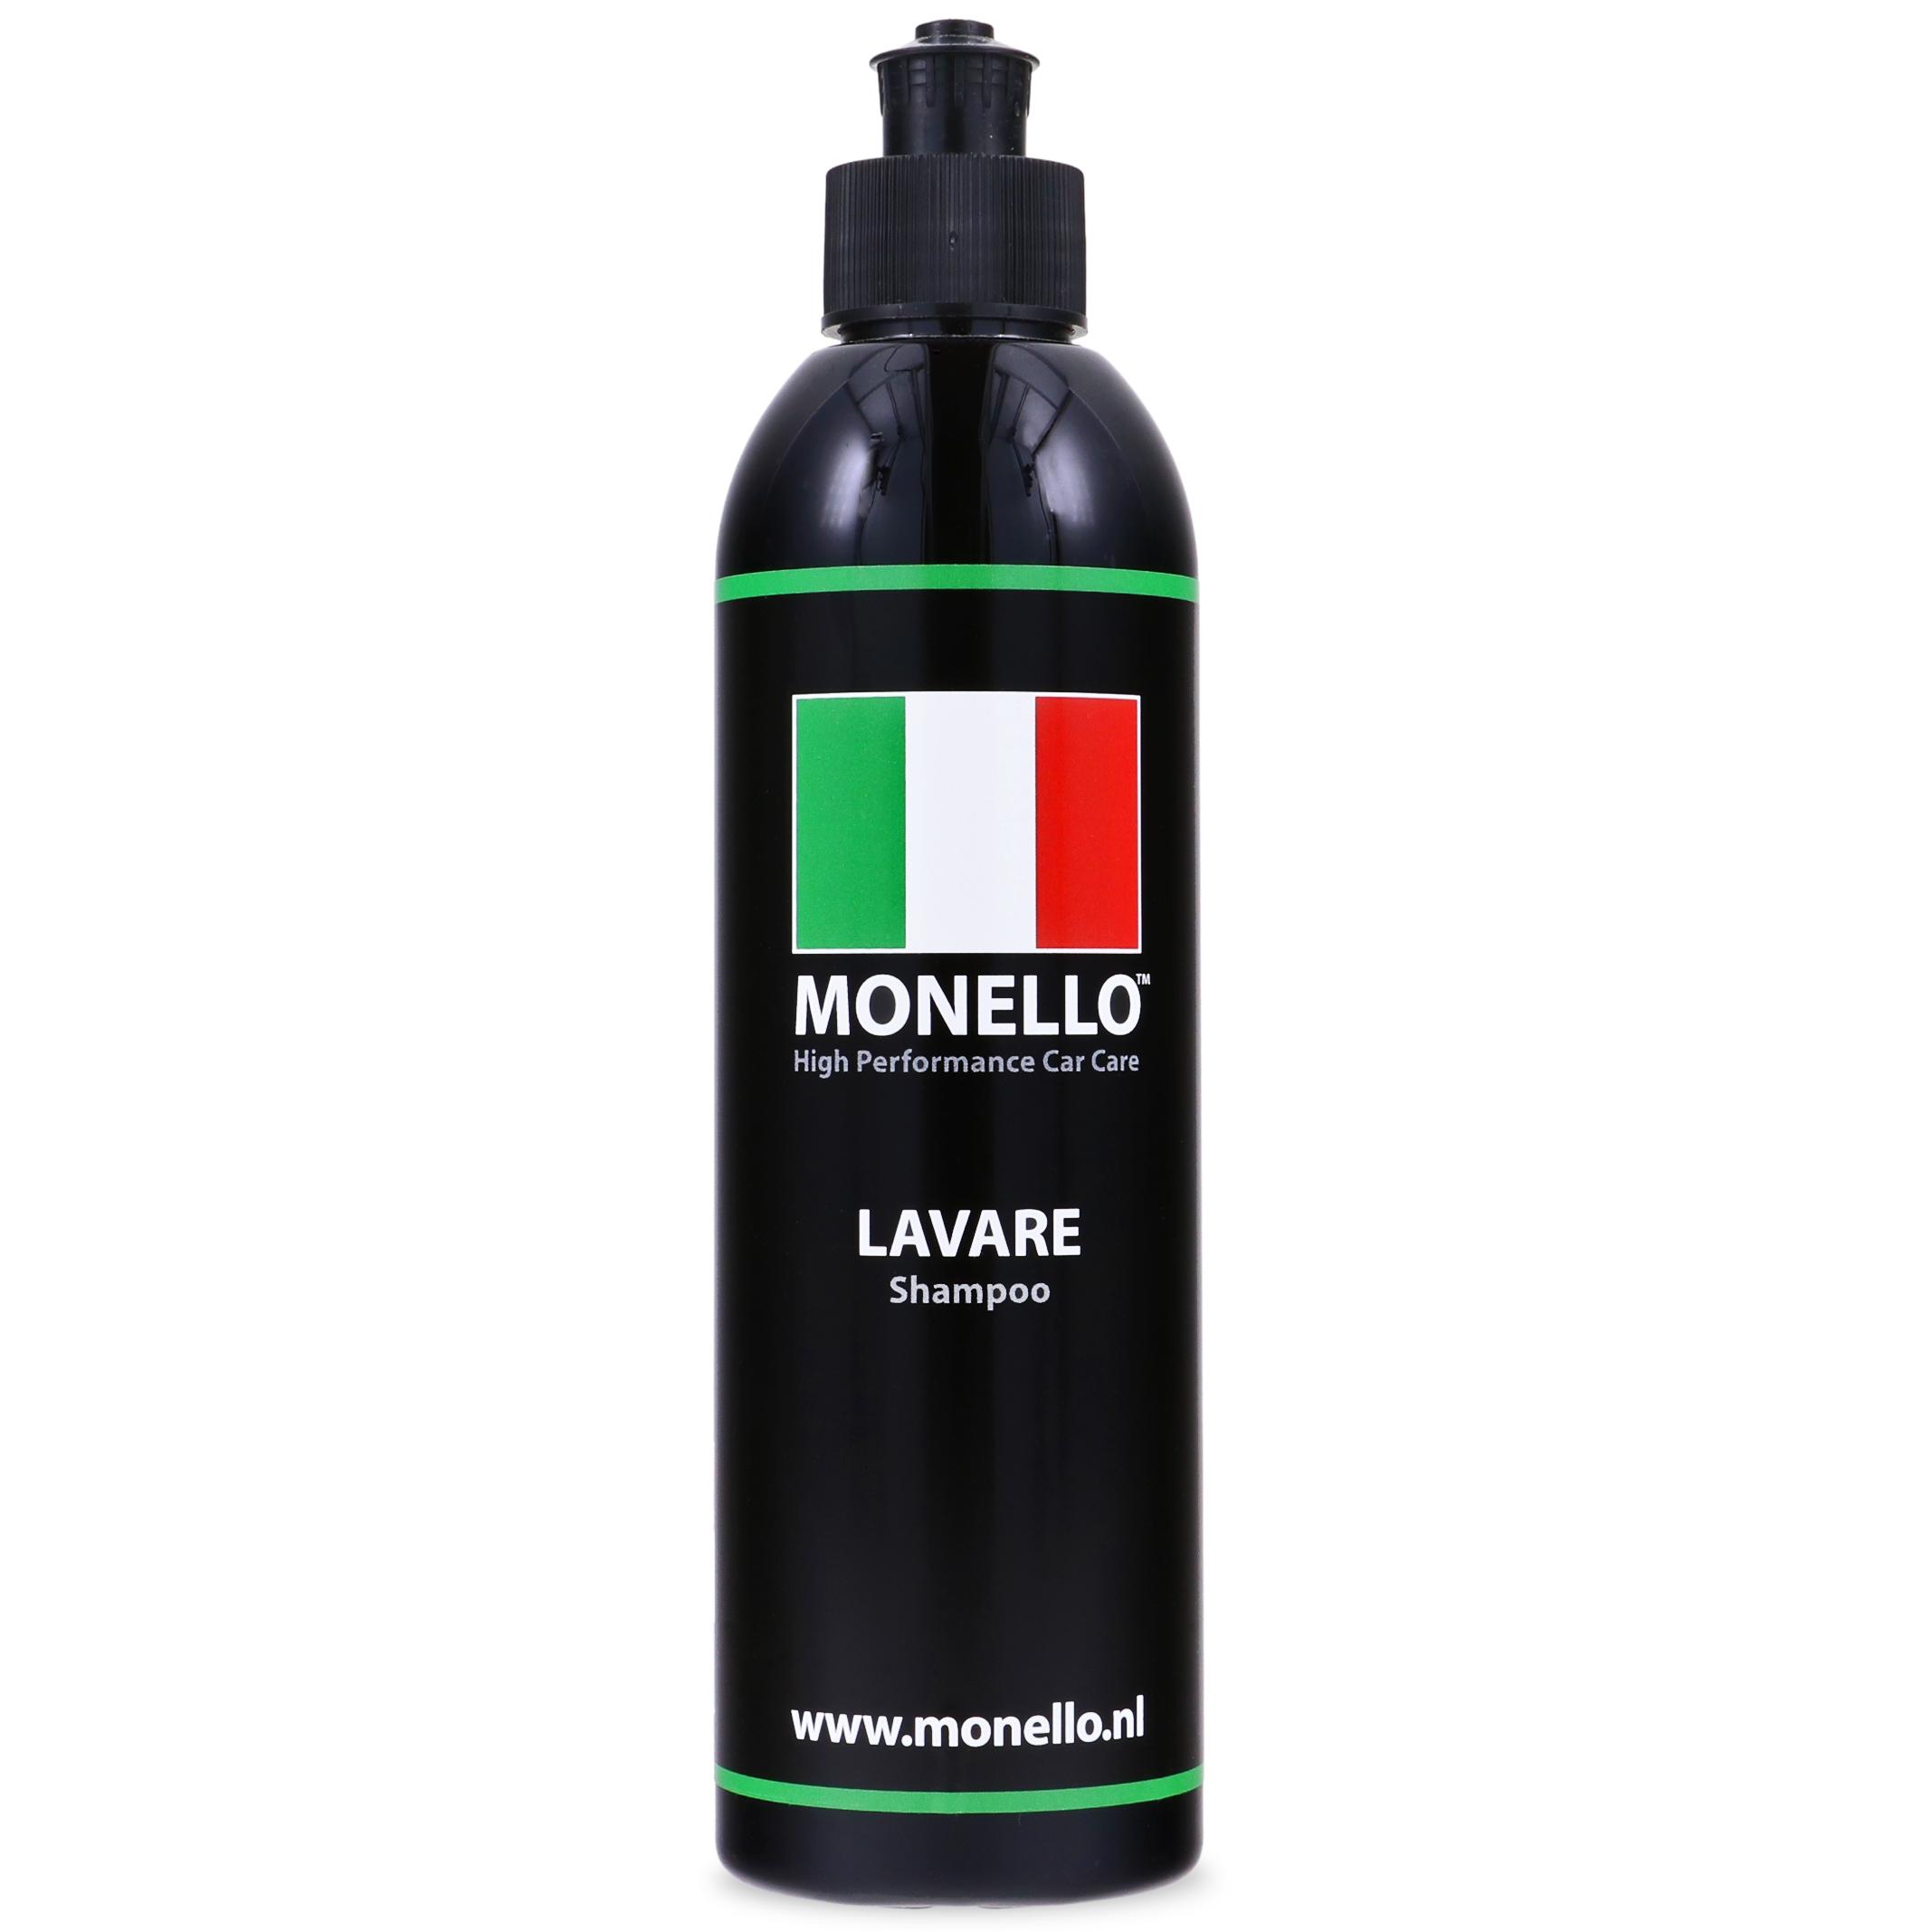 Monello Lavare